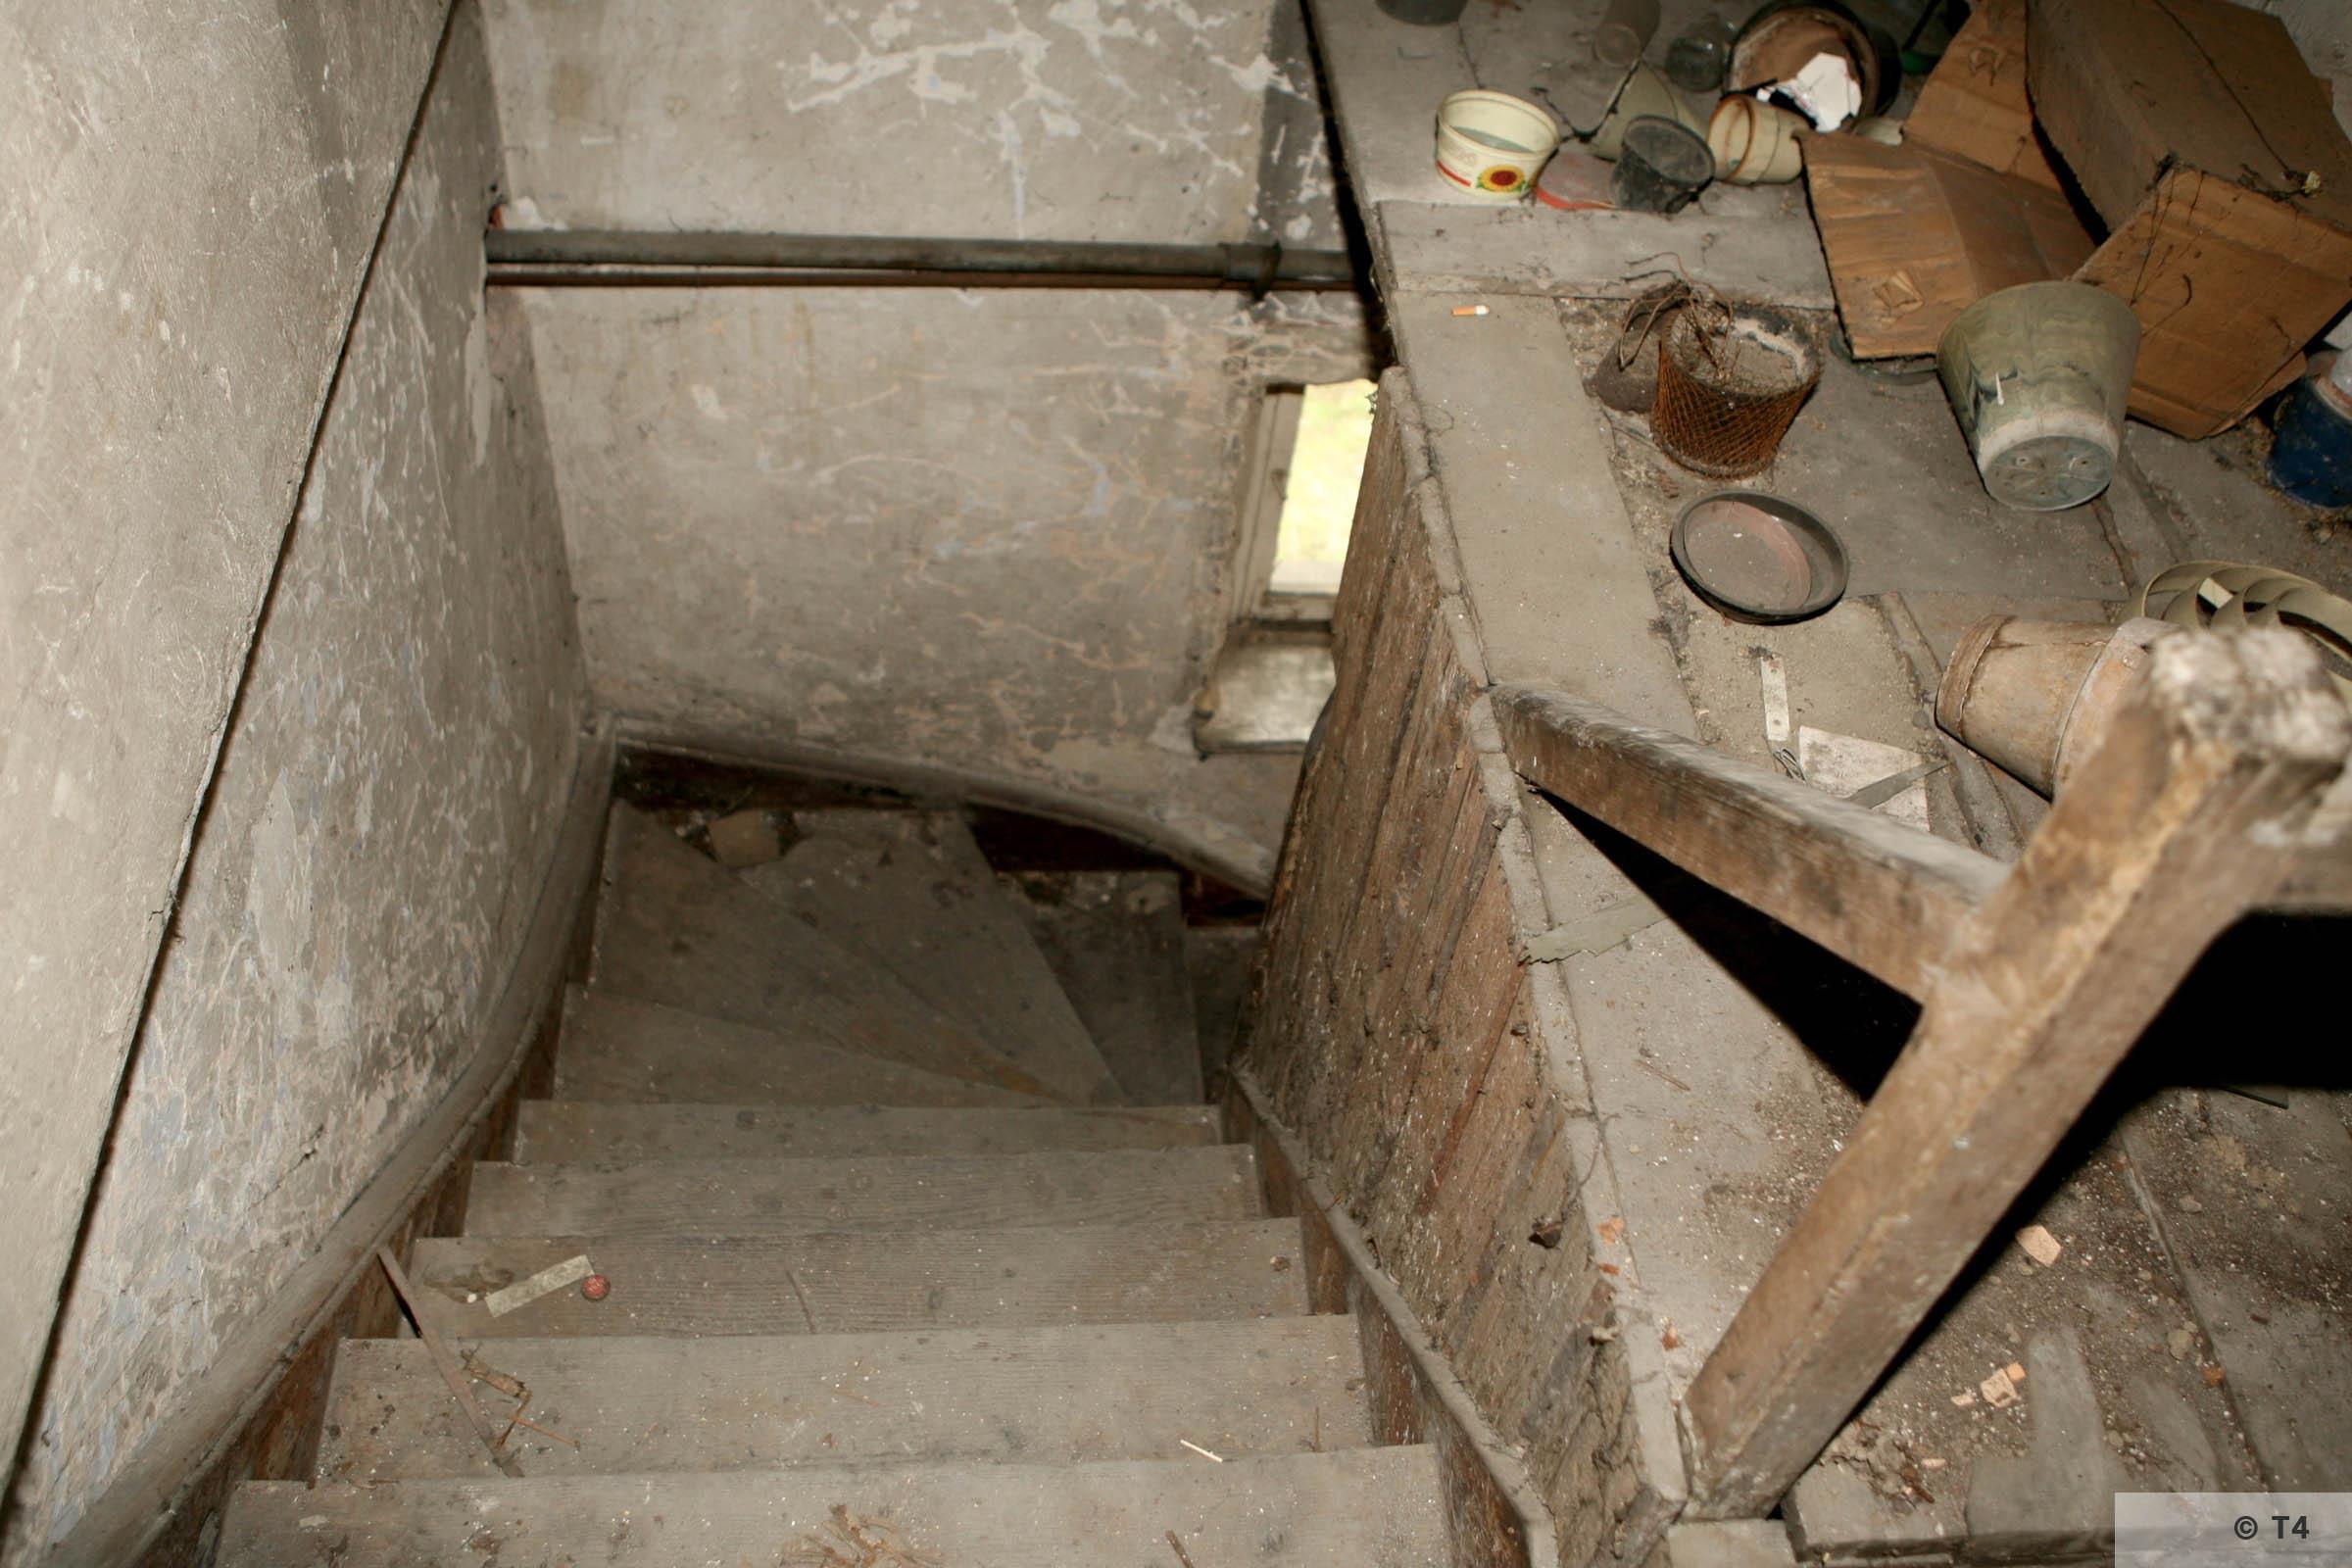 Hygiene Institut der Waffen SS laboratory in Rajsko. 2007 T4 3471